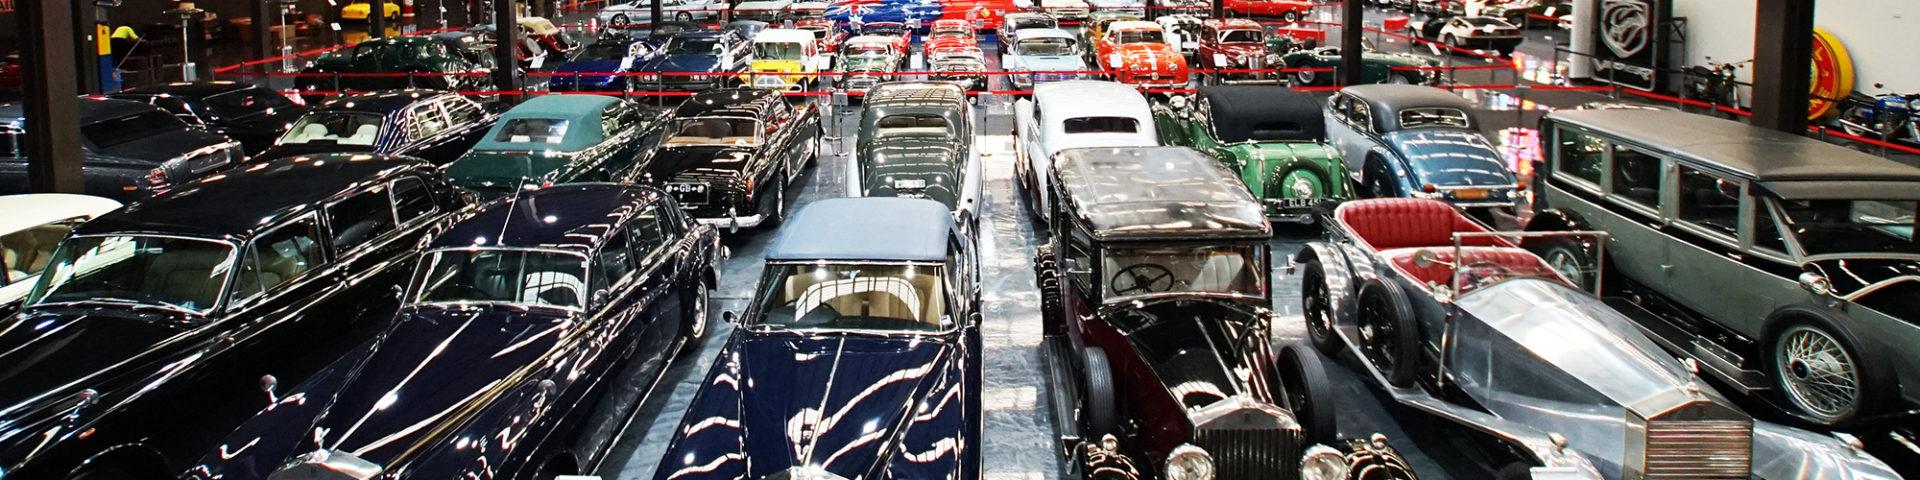 Gosford Car Museum